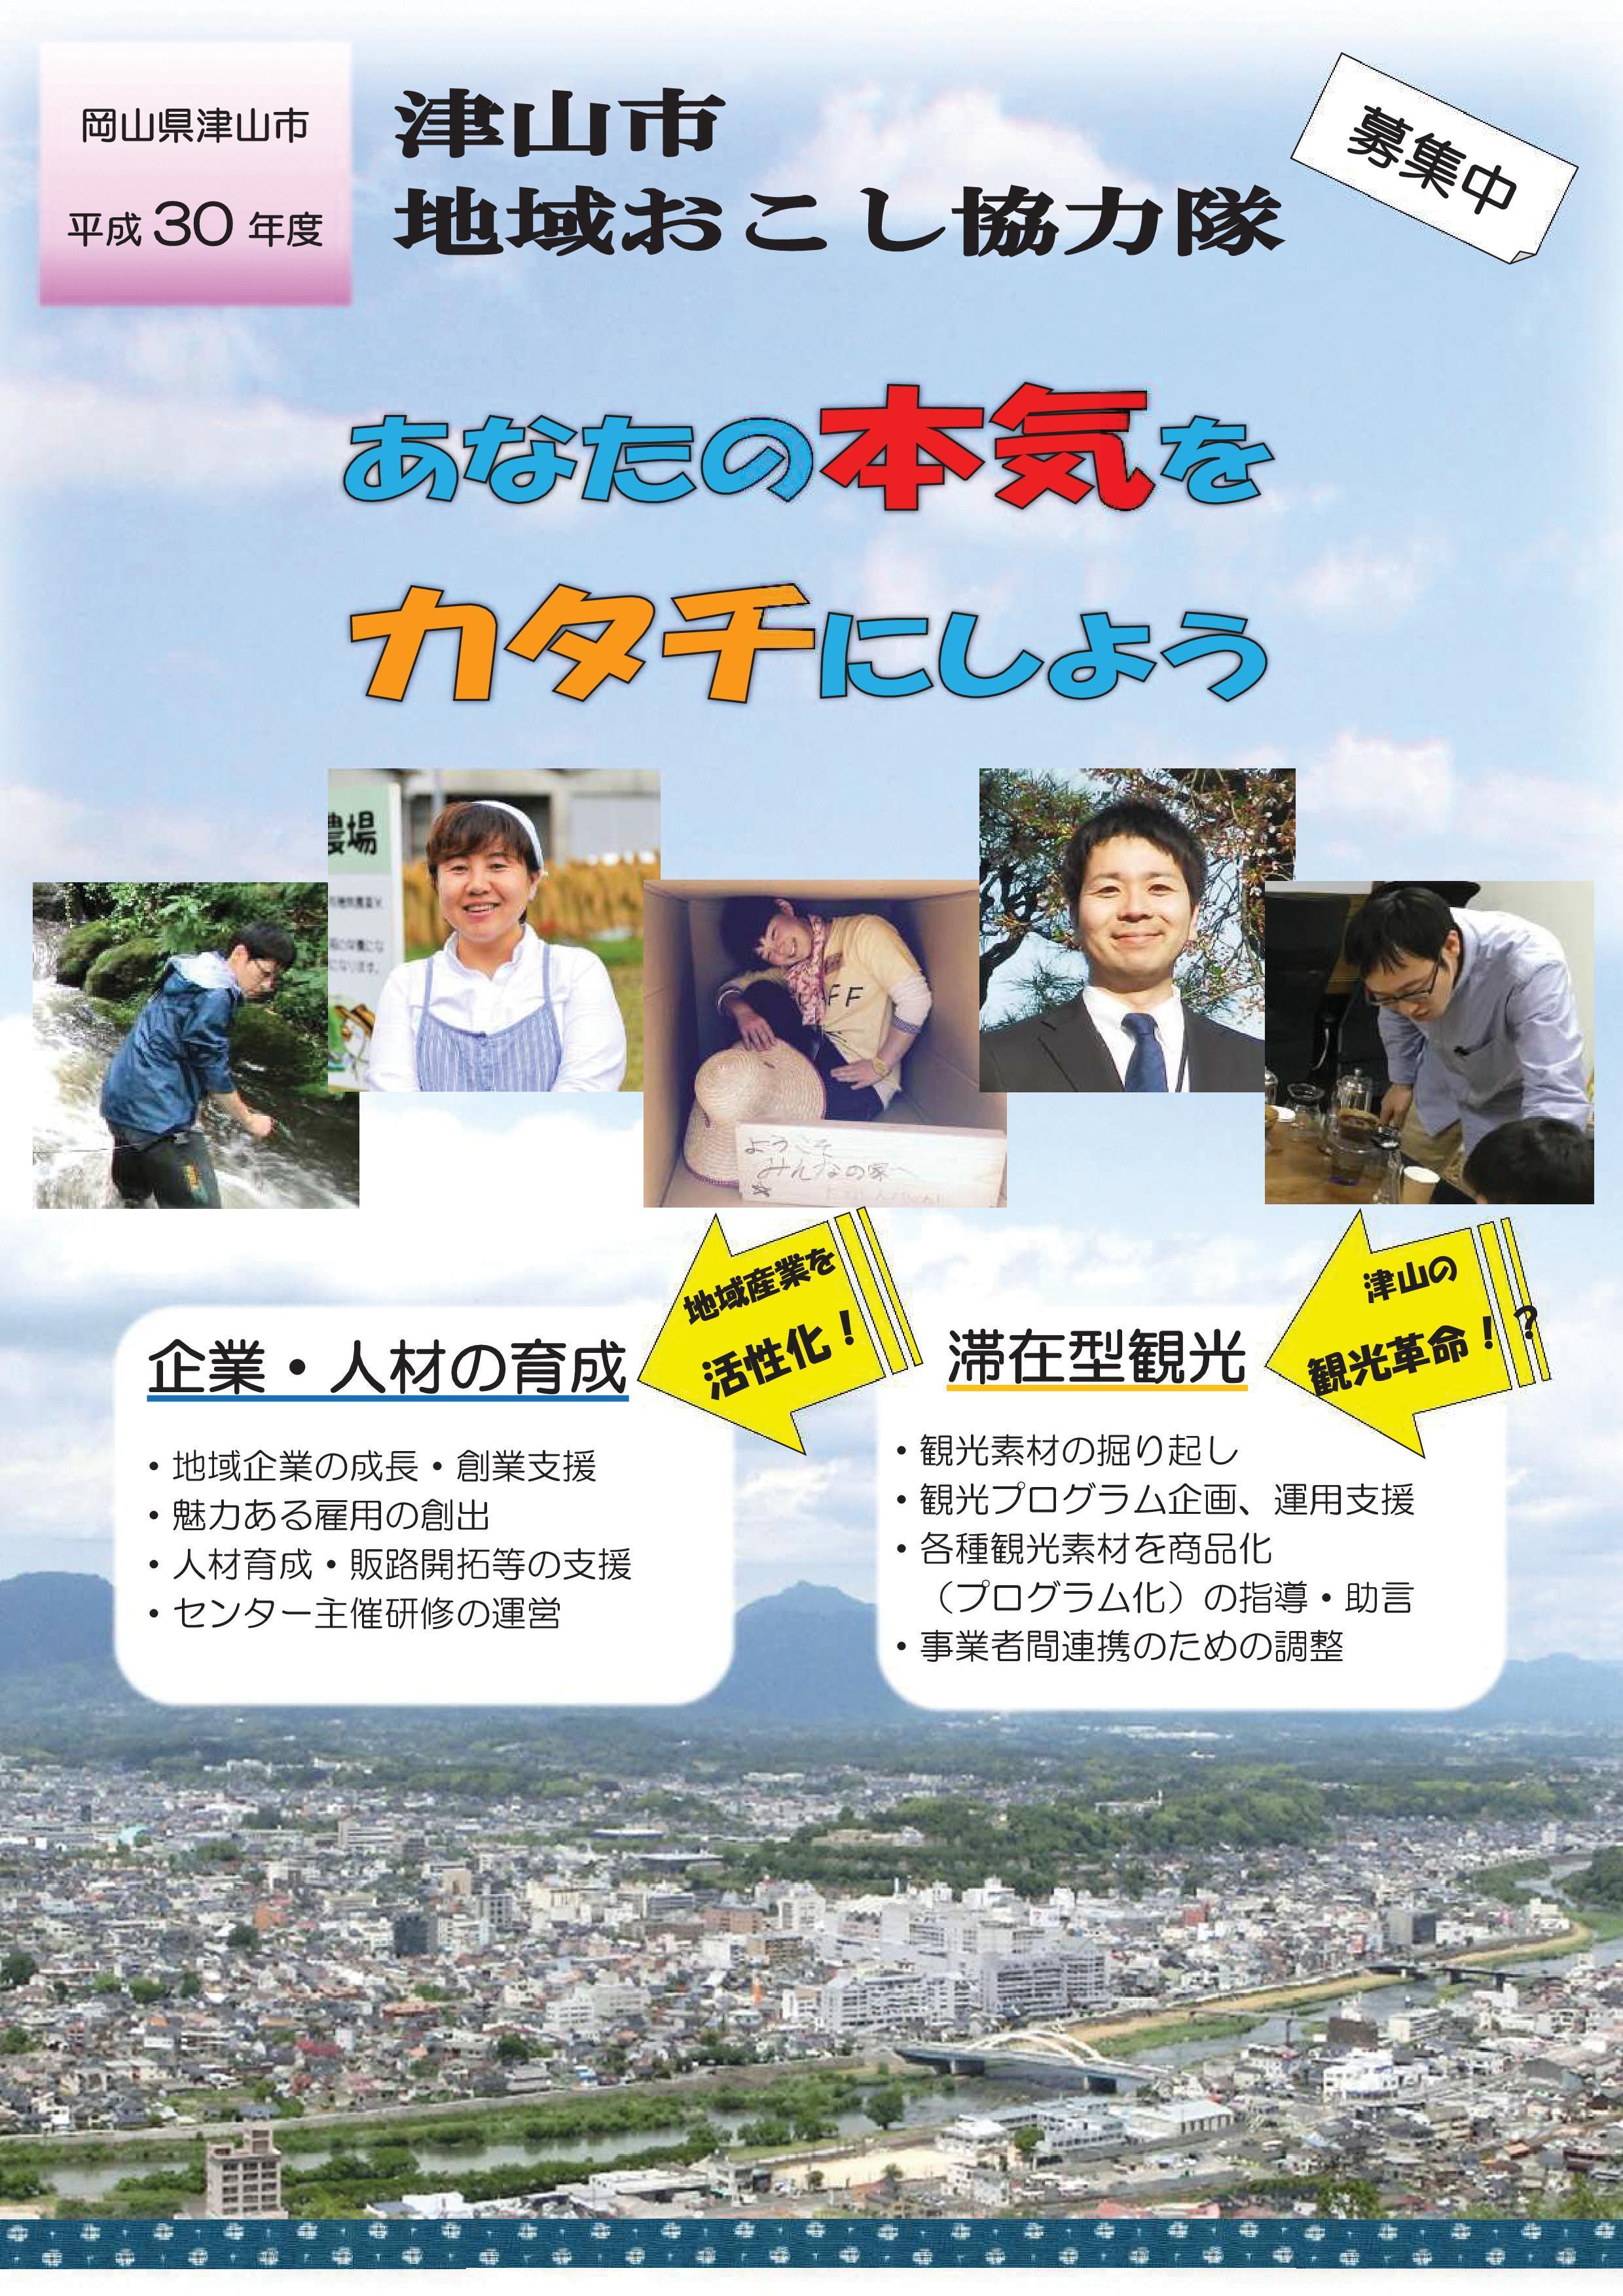 平成30年度 津山市地域おこし協力隊 募集のお知らせ